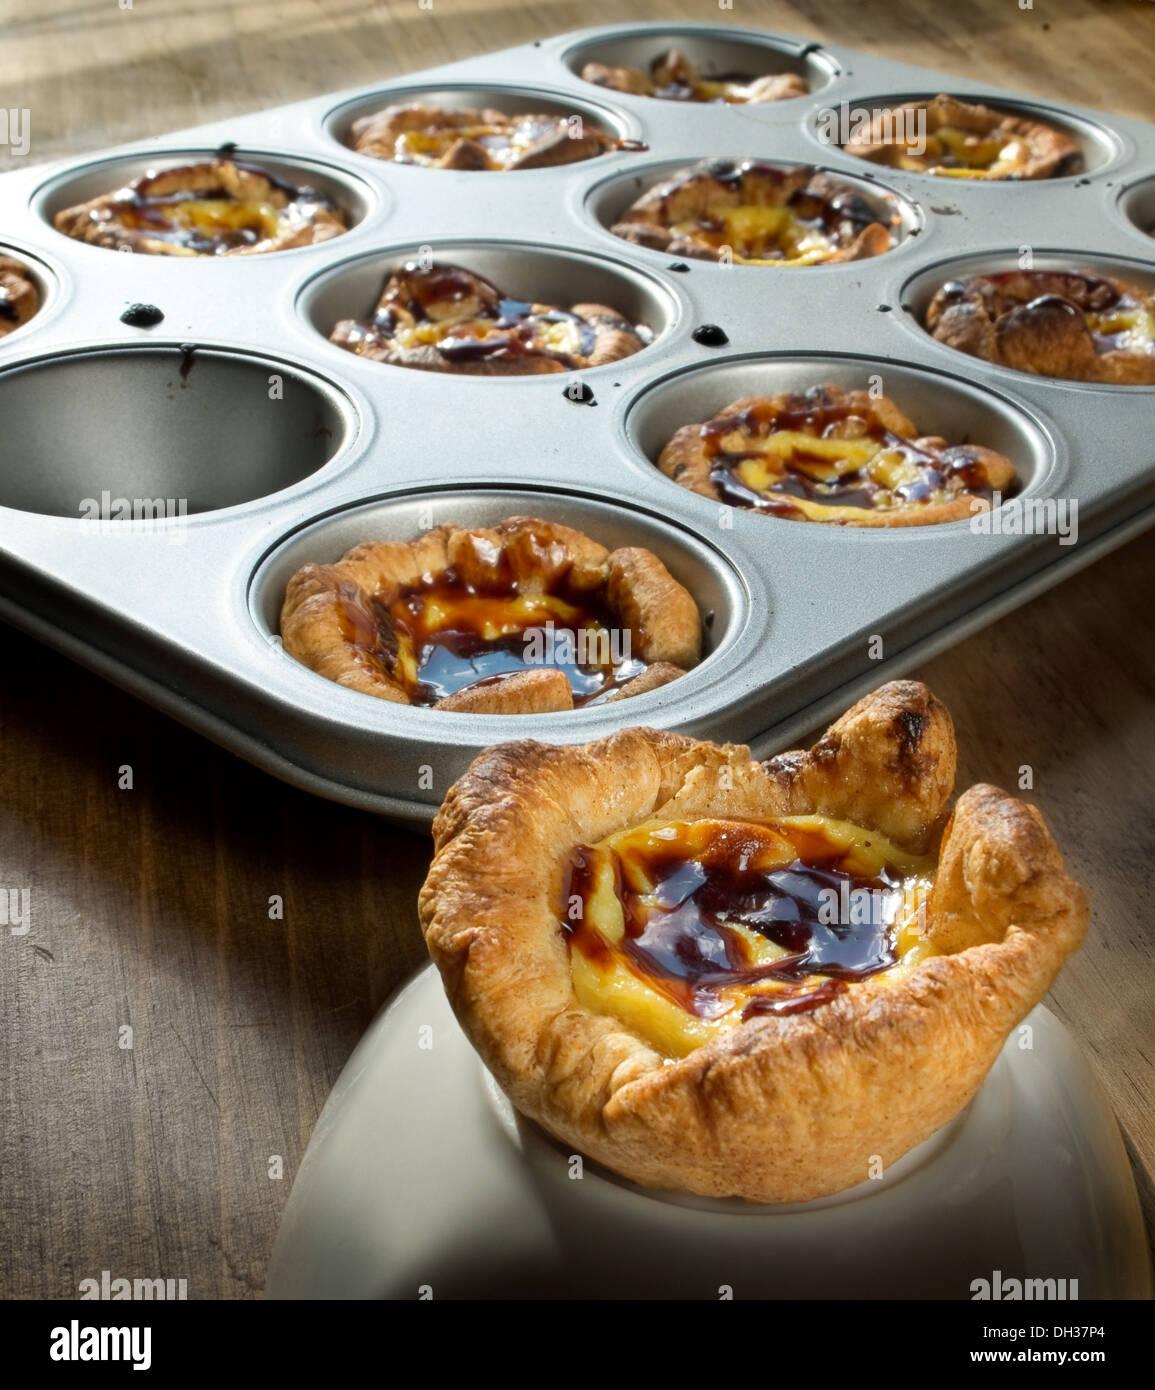 Pasteis De Belem Typisch Portugiesische Pudding Kuchen Stockfoto